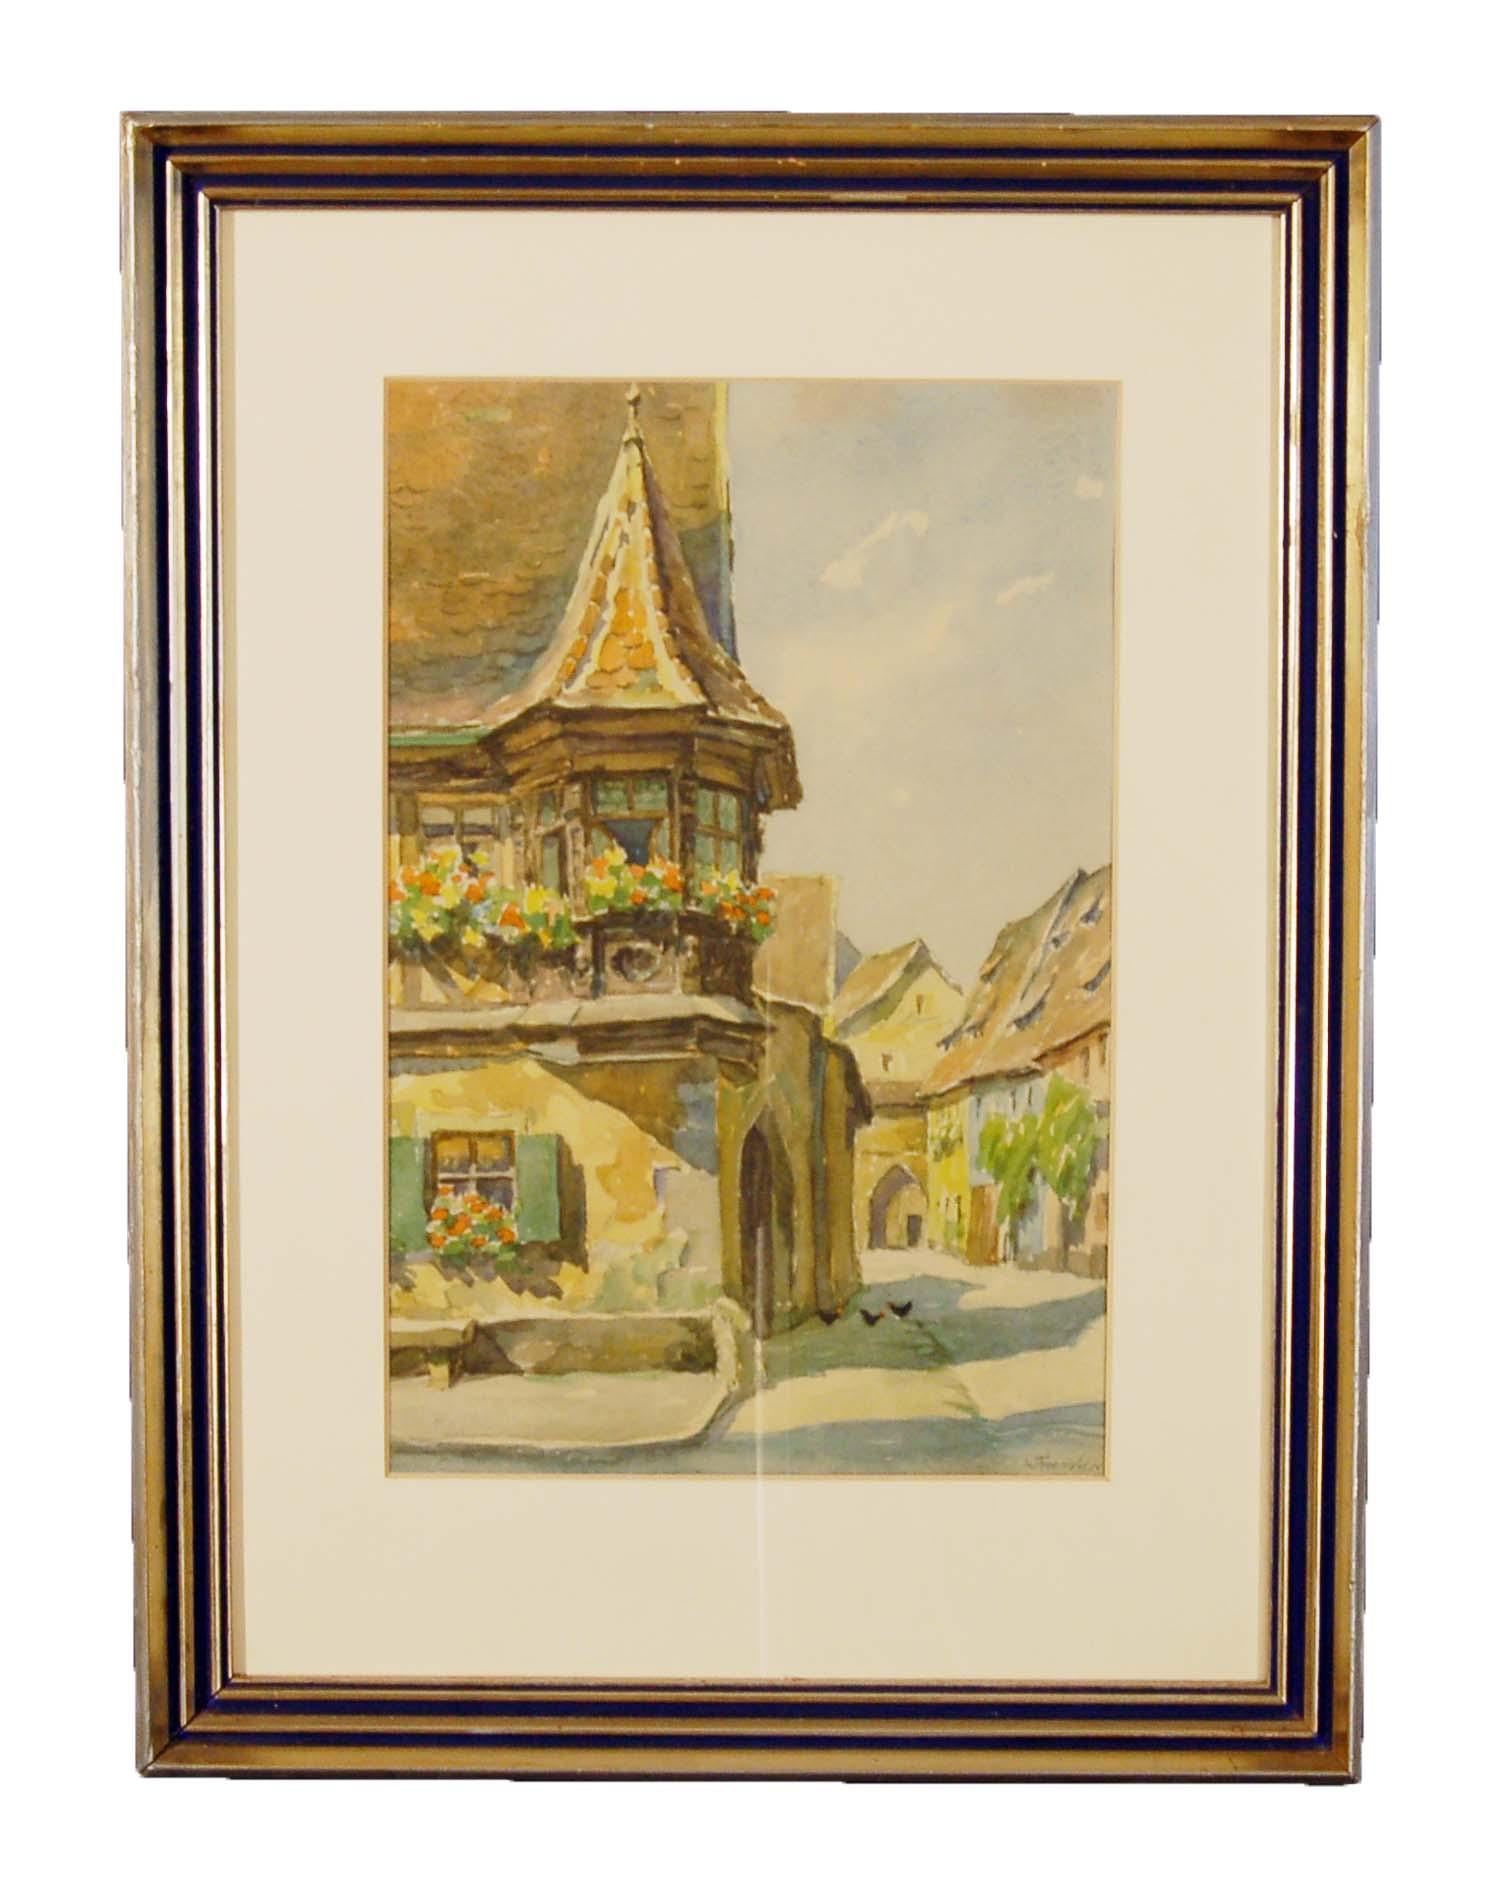 W.Foster (sign.), Altstadtgasse (Rothenburg ob der Tauber), Aquarell/Papier, 40x54cm